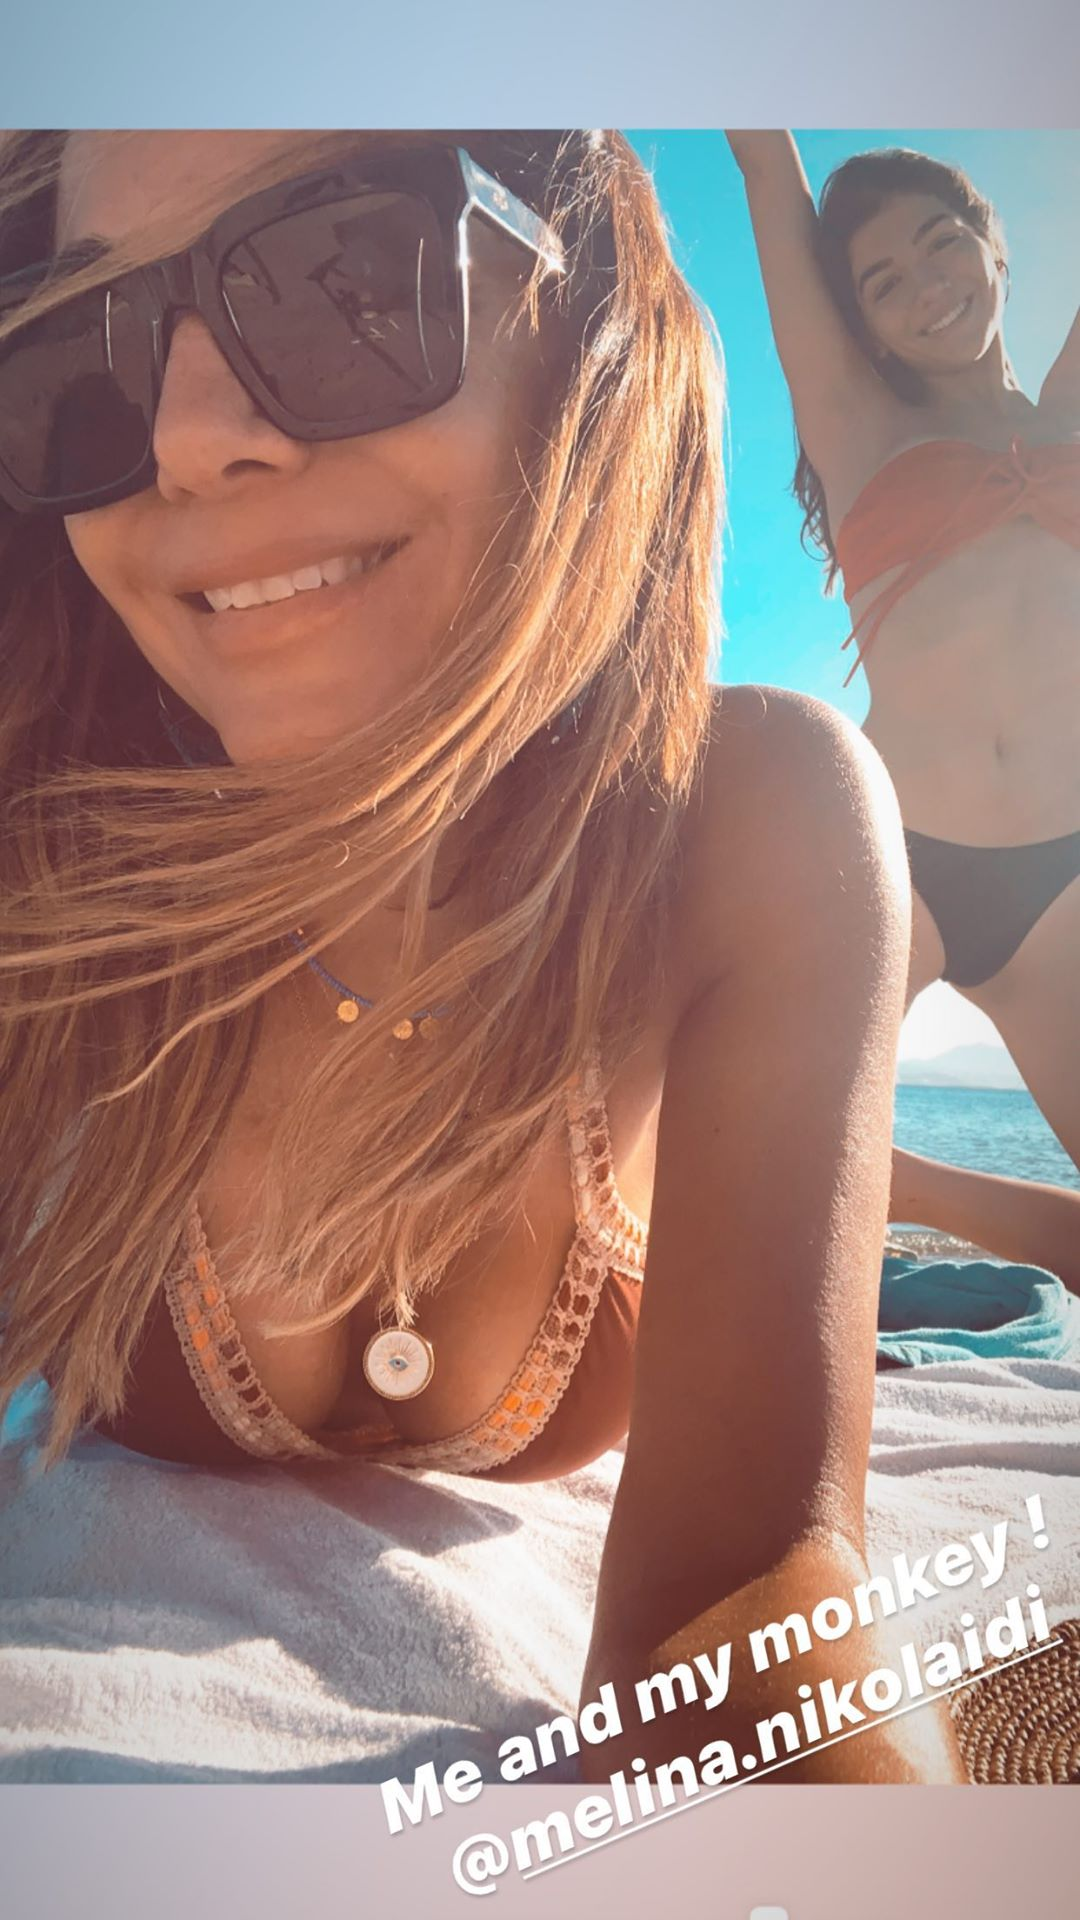 Δέσποινα Βανδή, Μελίνα Νικολαϊδη στην παραλία καλοκαίρι 2020